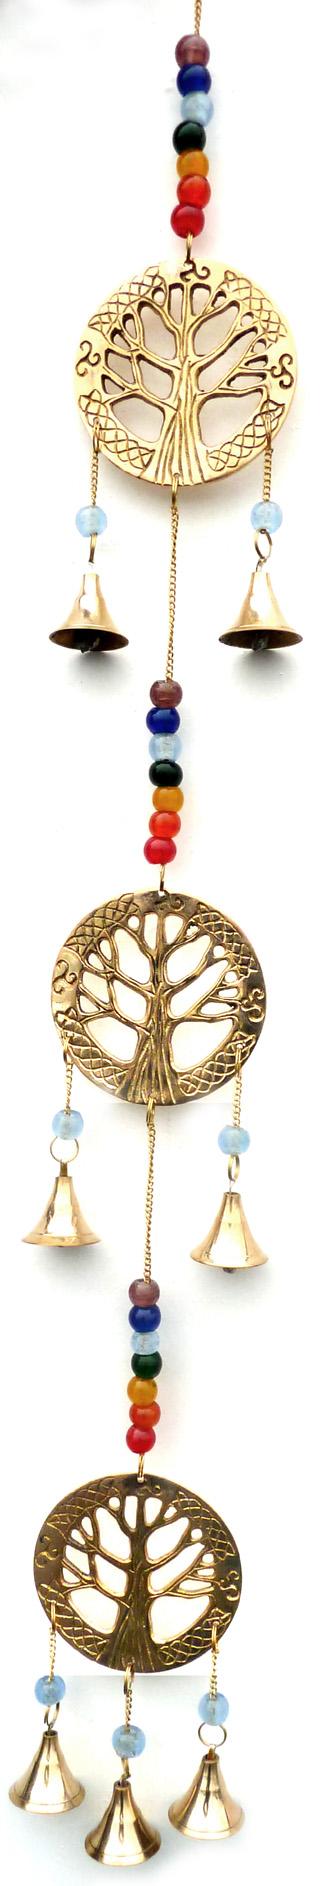 Carillon arbre de vie & cloches chakra 55cm